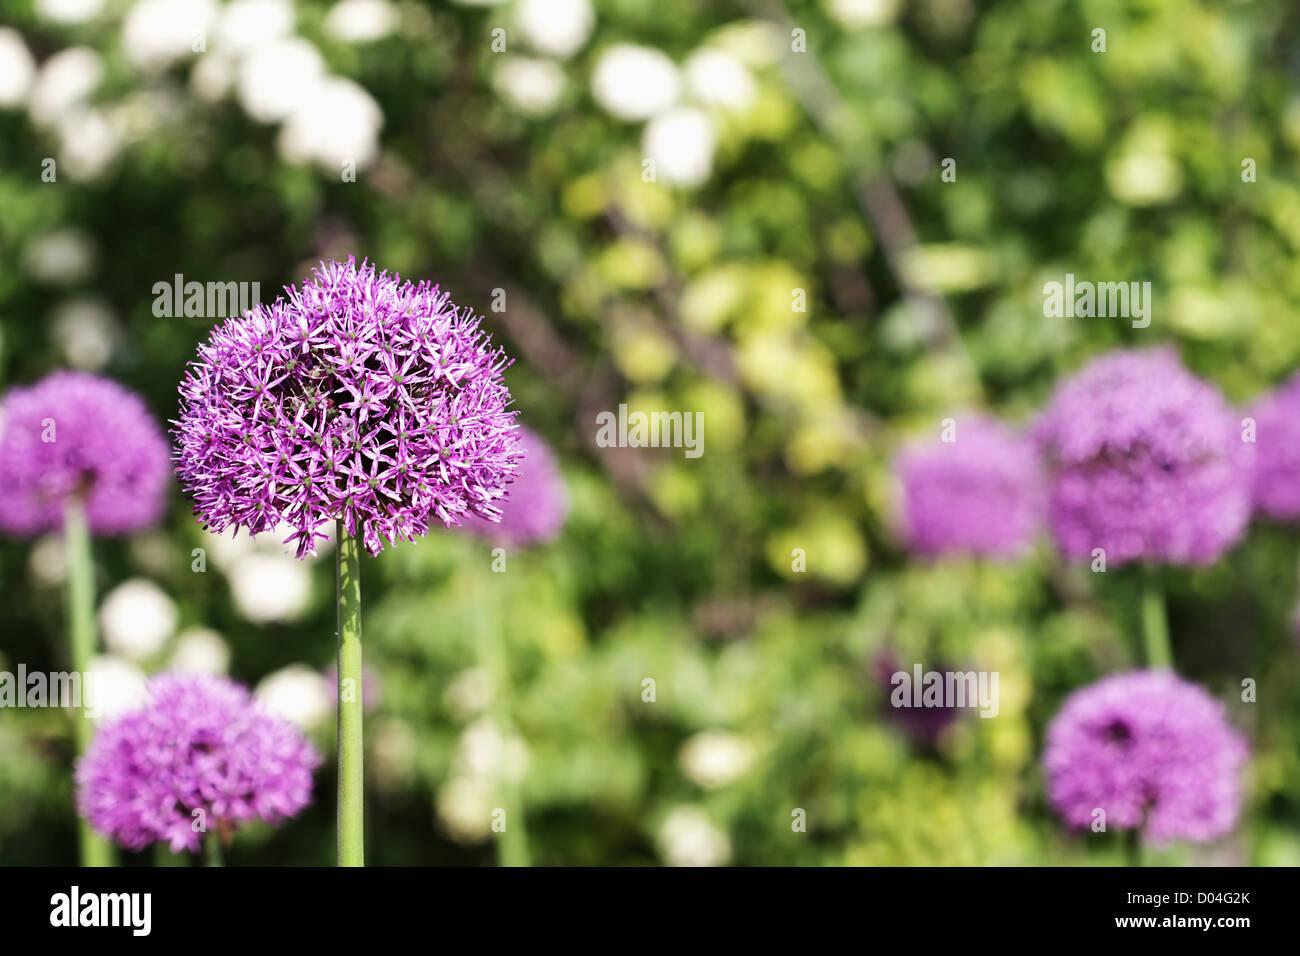 Giardino della fioritura Allium con il fuoco selettivo su Alium in primo piano. Immagini Stock